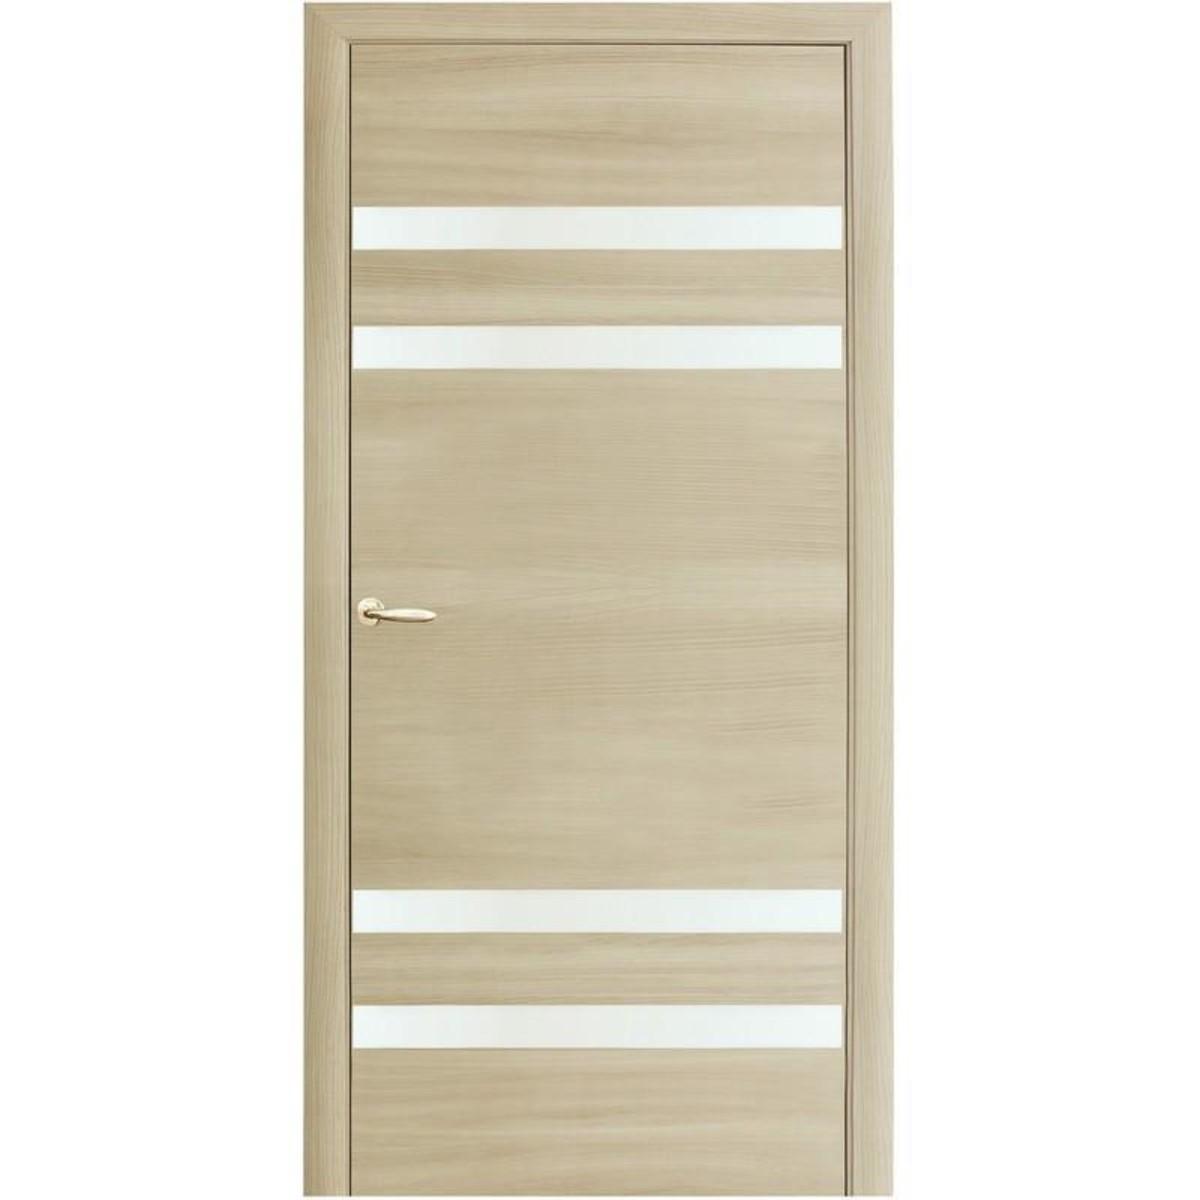 Дверное полотно остекленное Модерн 60x200 см ламинация королевский орех светлый